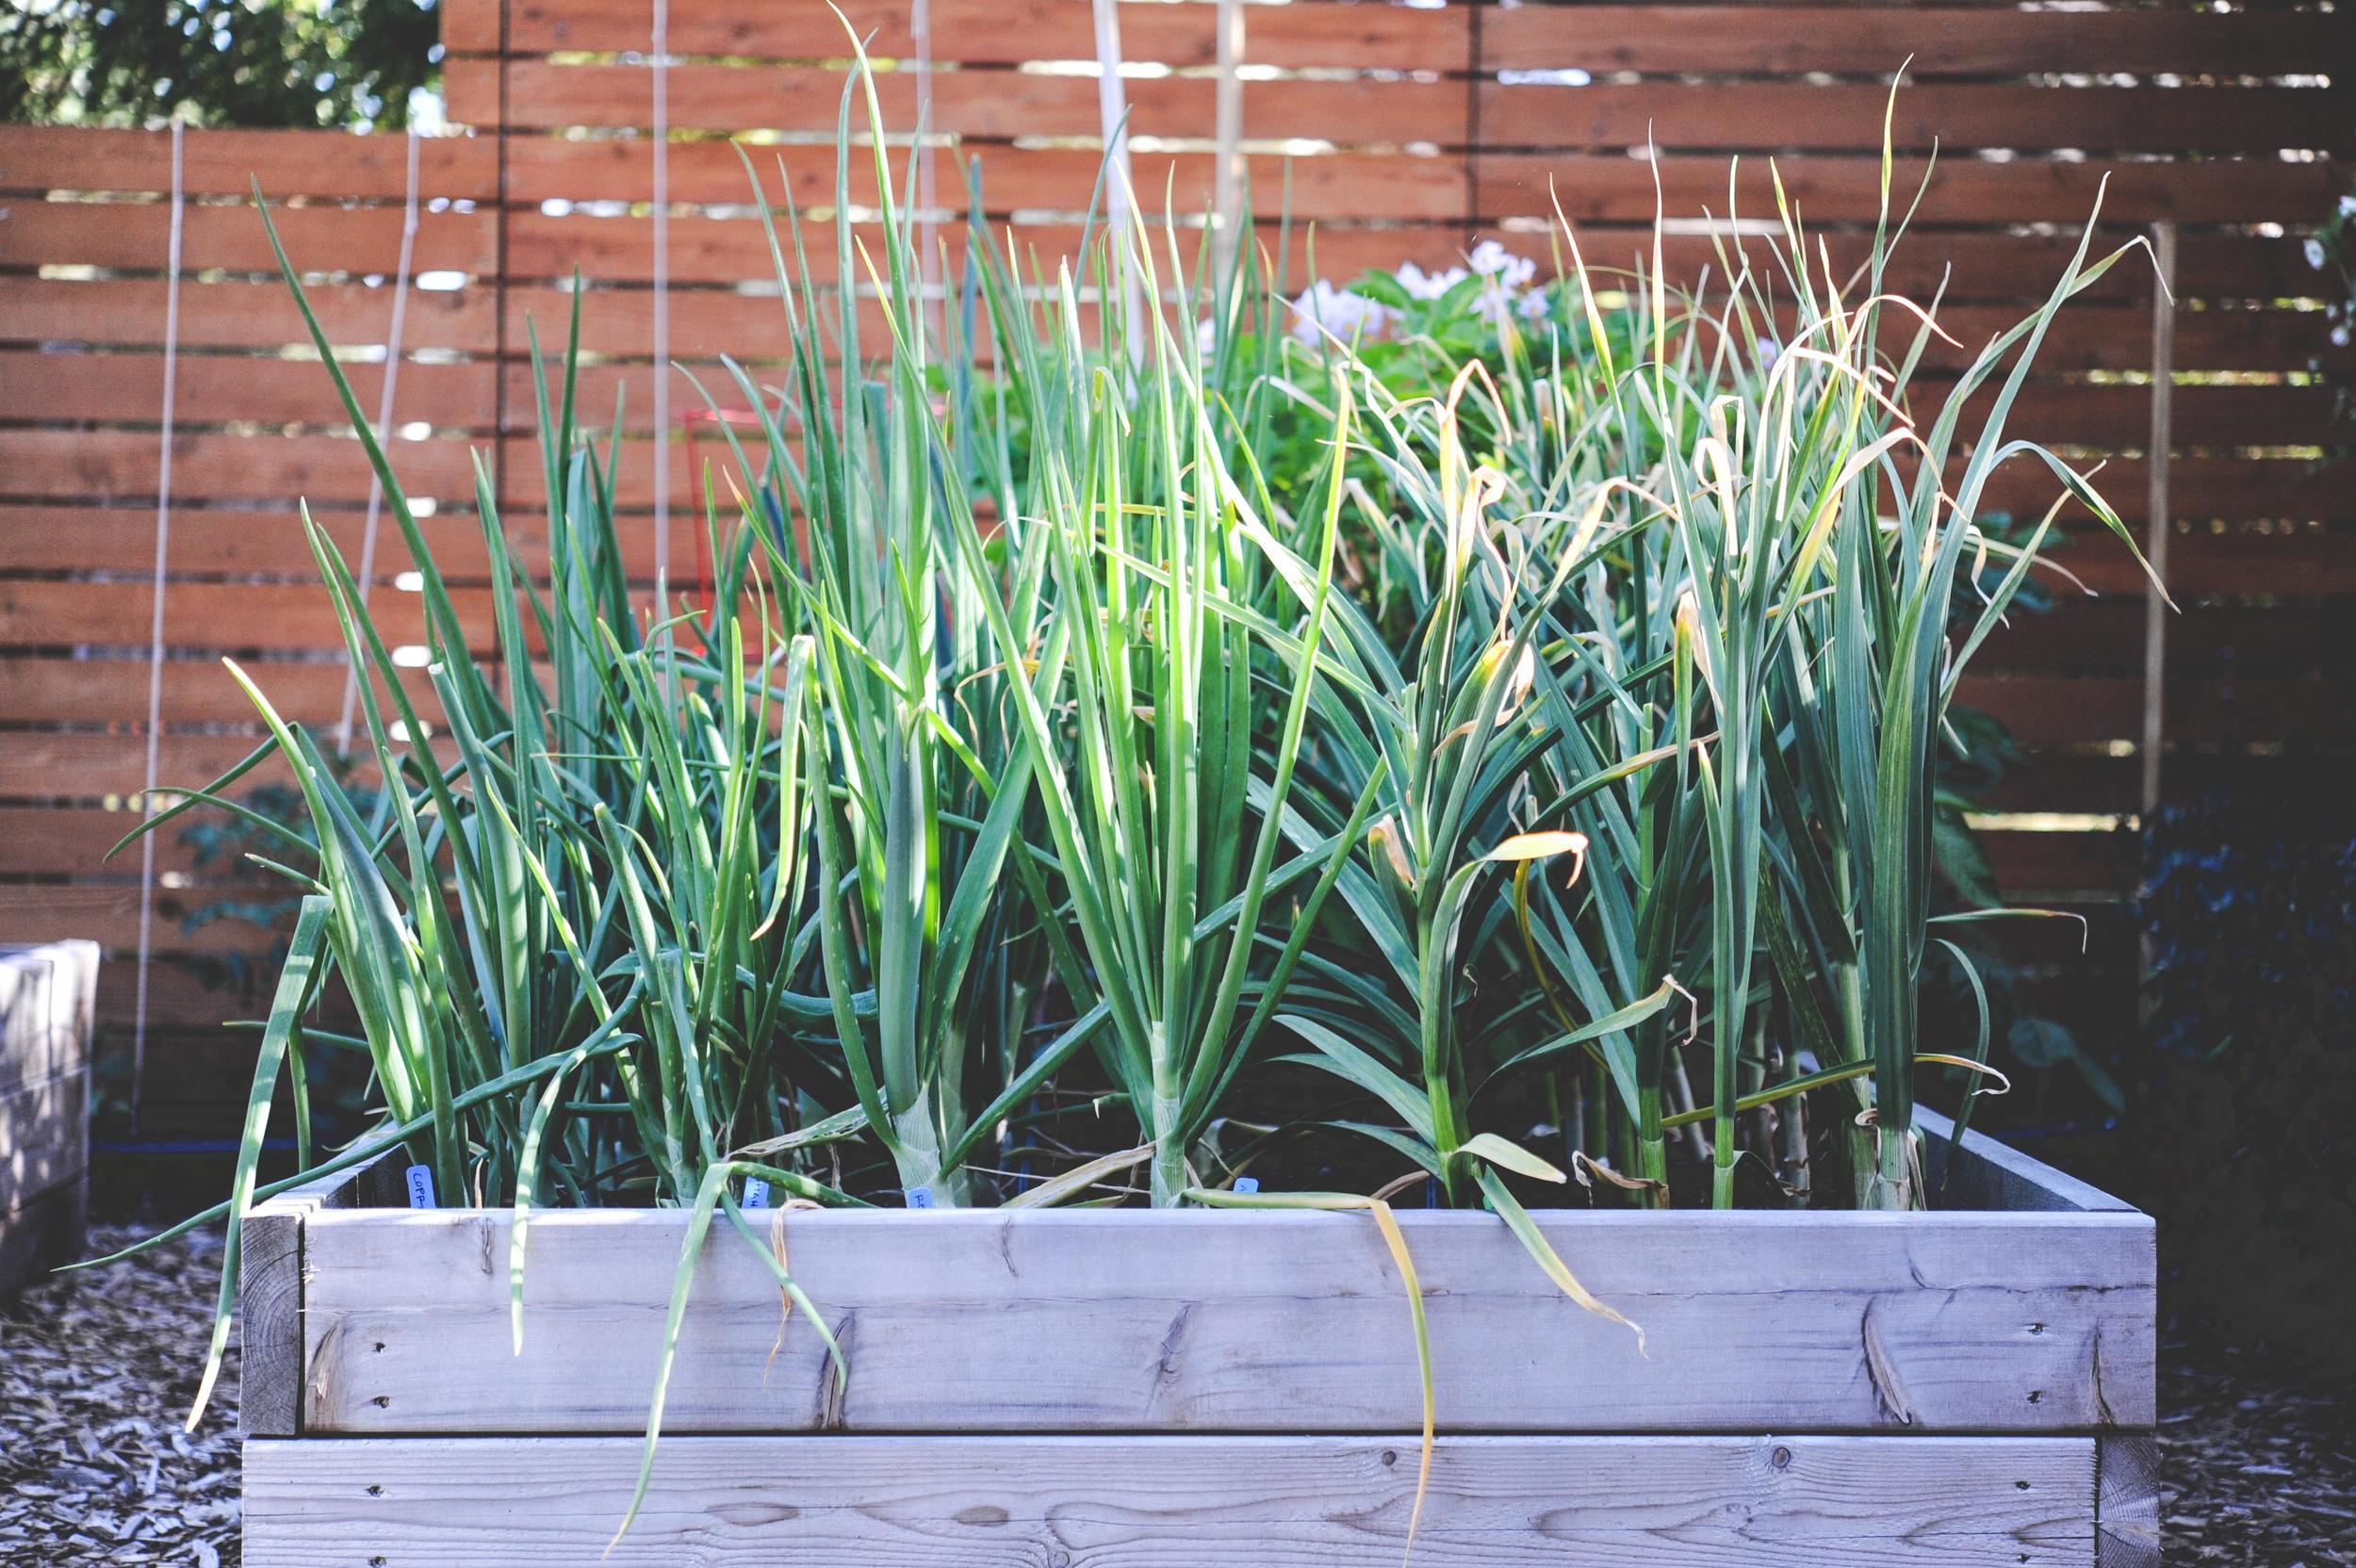 Onions and Garlic_Seattle Urban Farm Co.